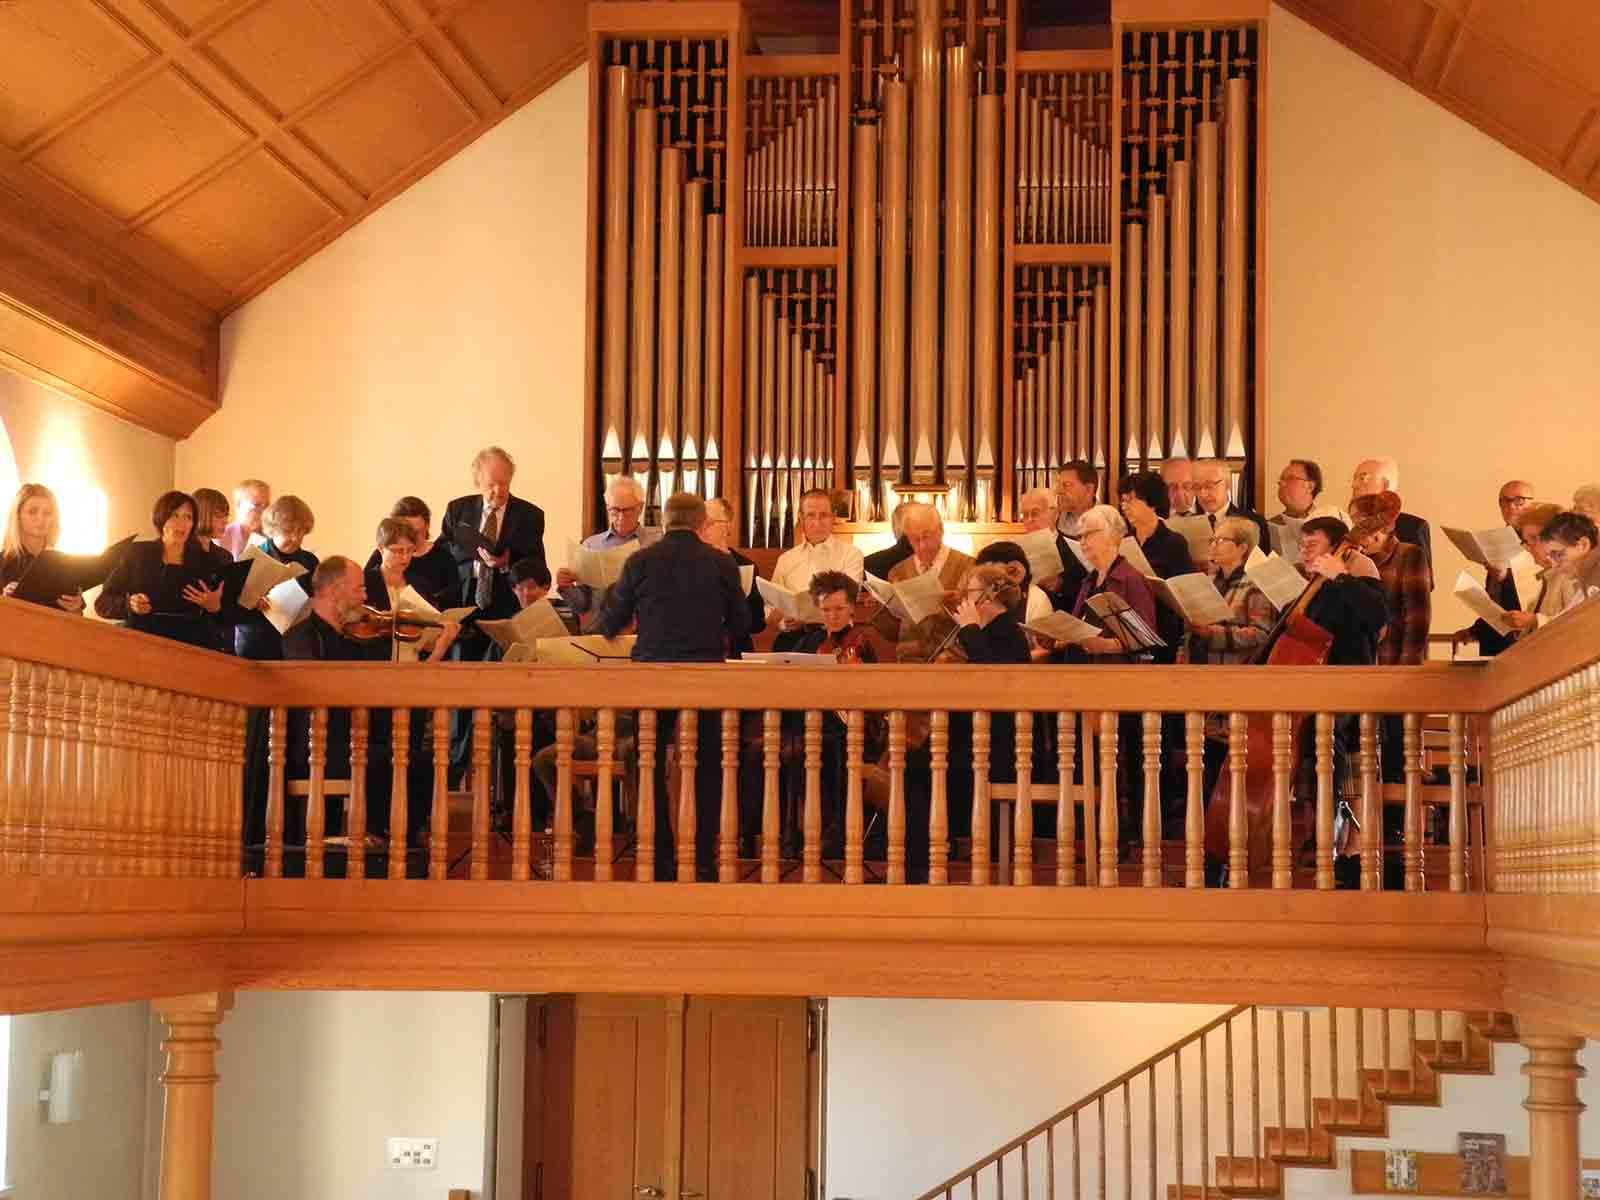 Der reformierte Kirchenchor lud am Gründonnerstag gemeinsam mit Orchester, Organist und Solistinnen zum Konzert.